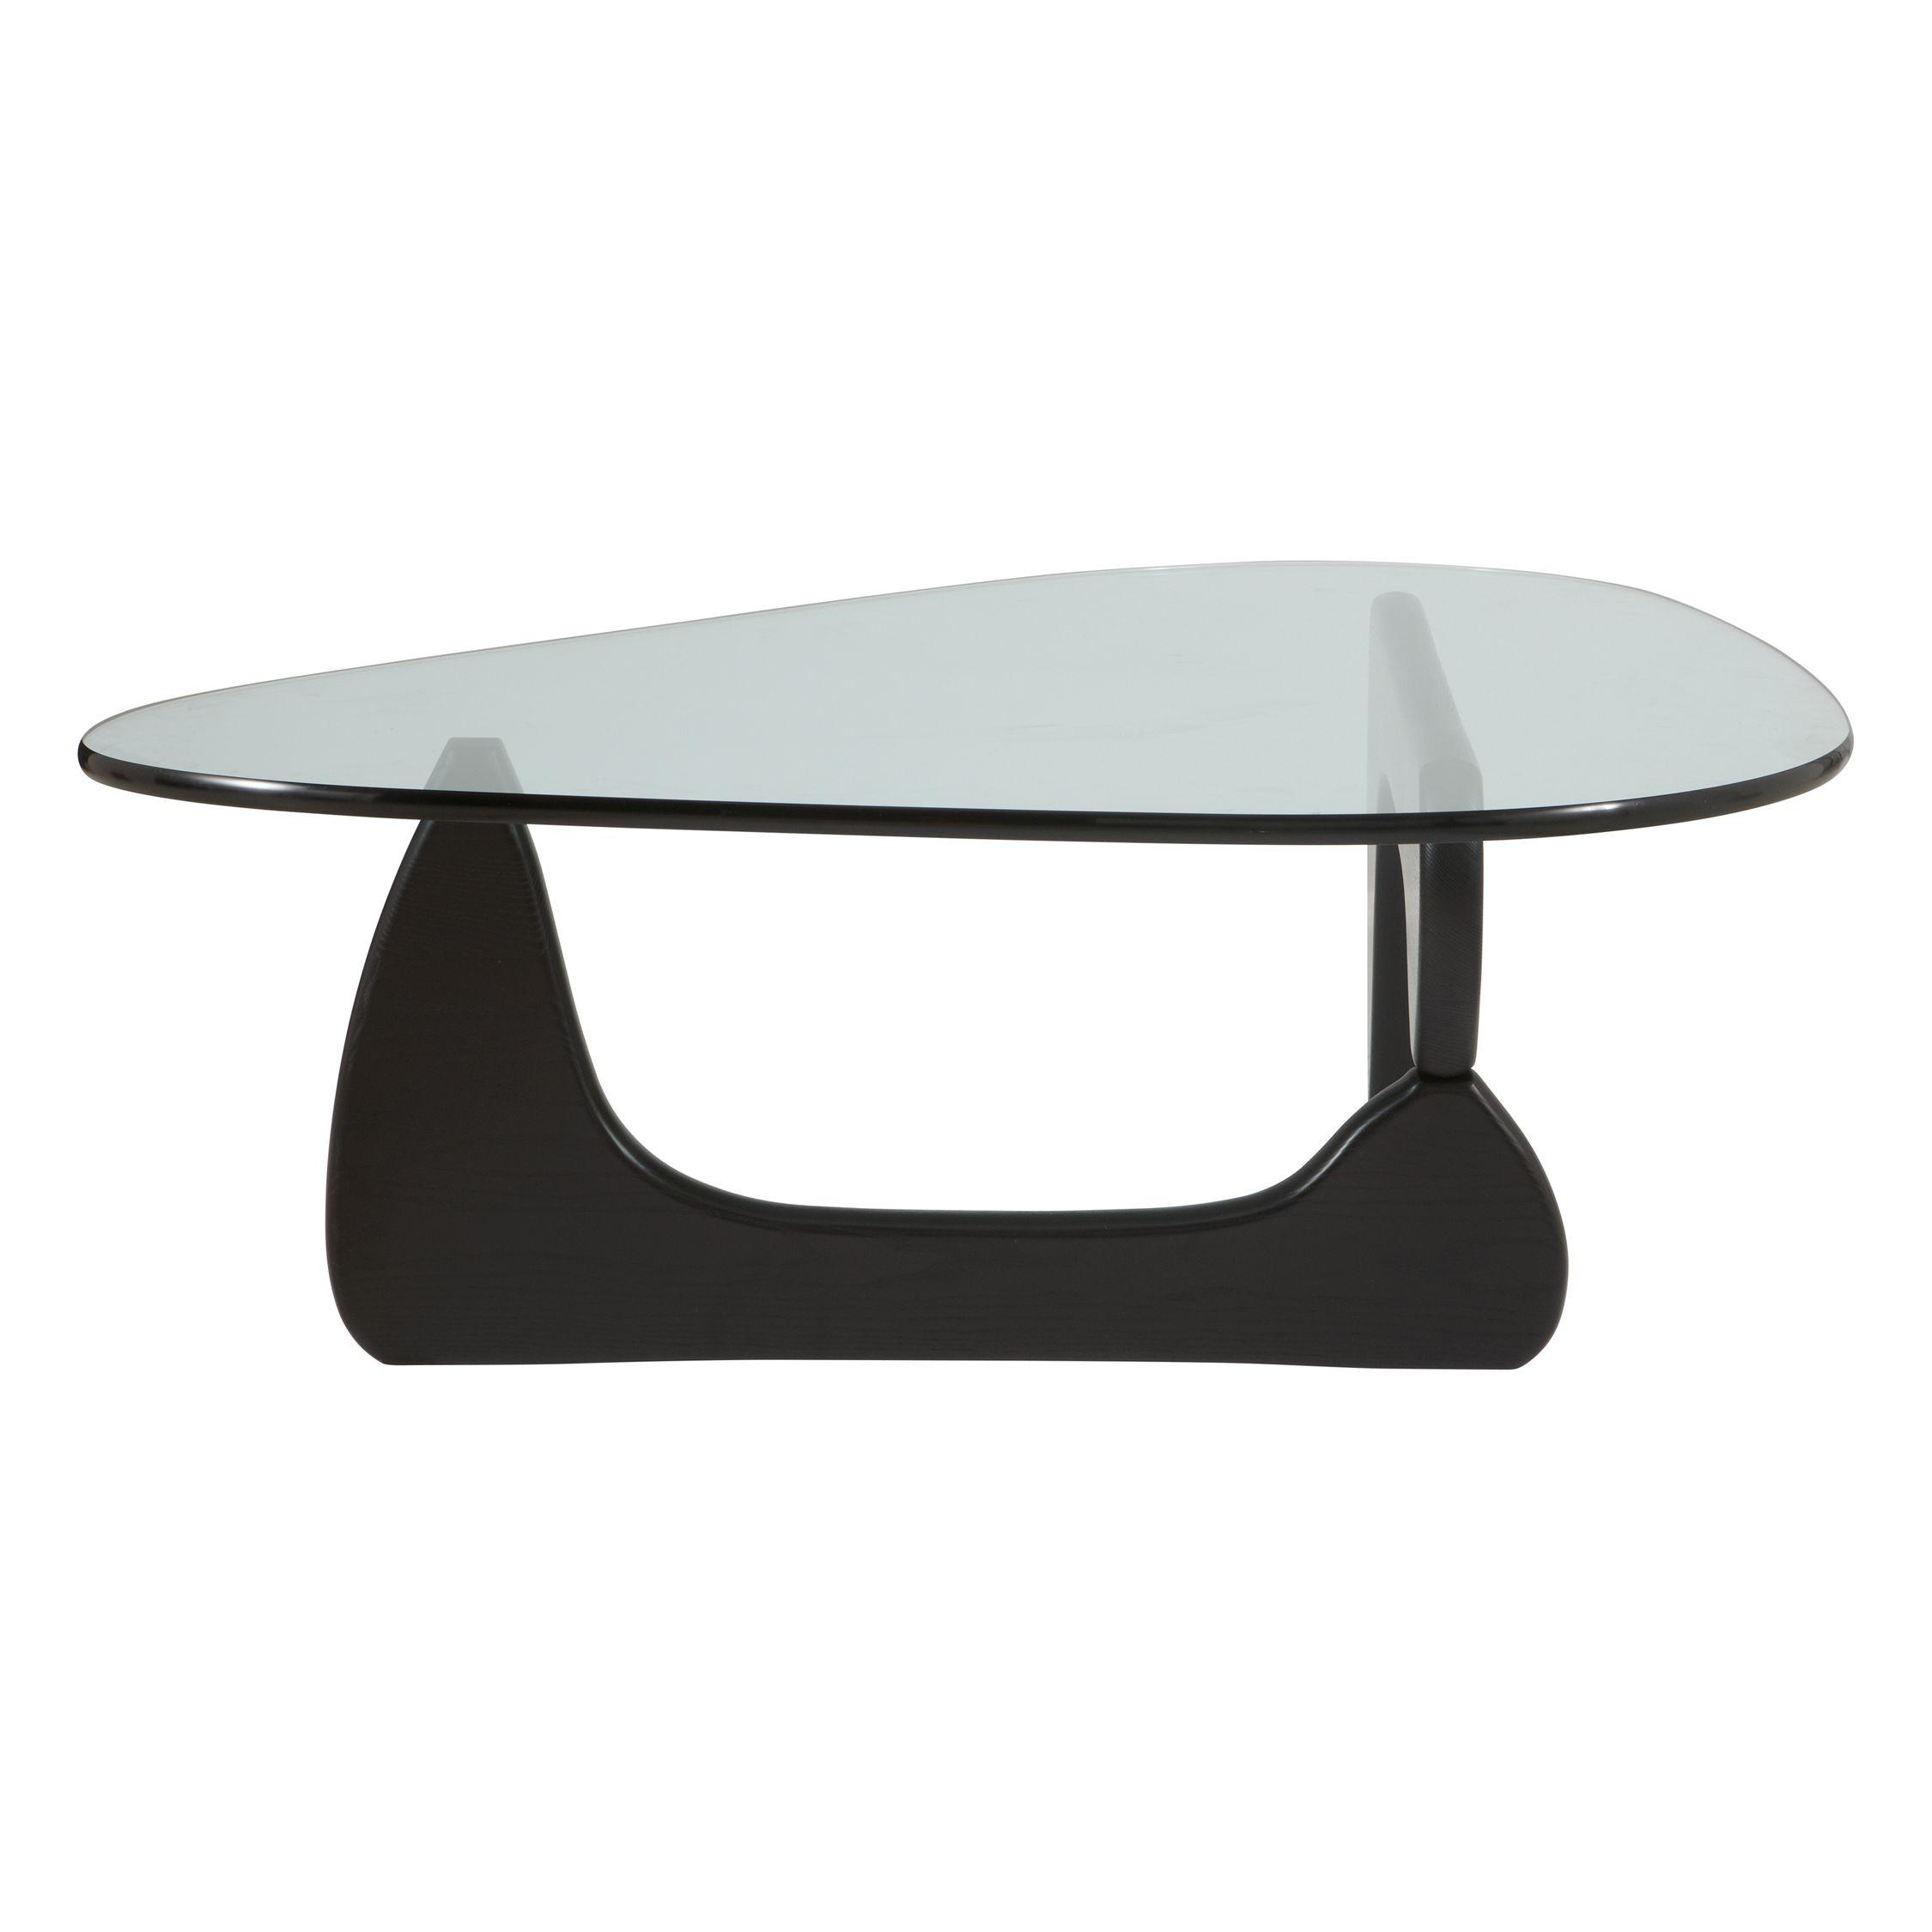 Vitra Vitra Noguchi Coffee Table